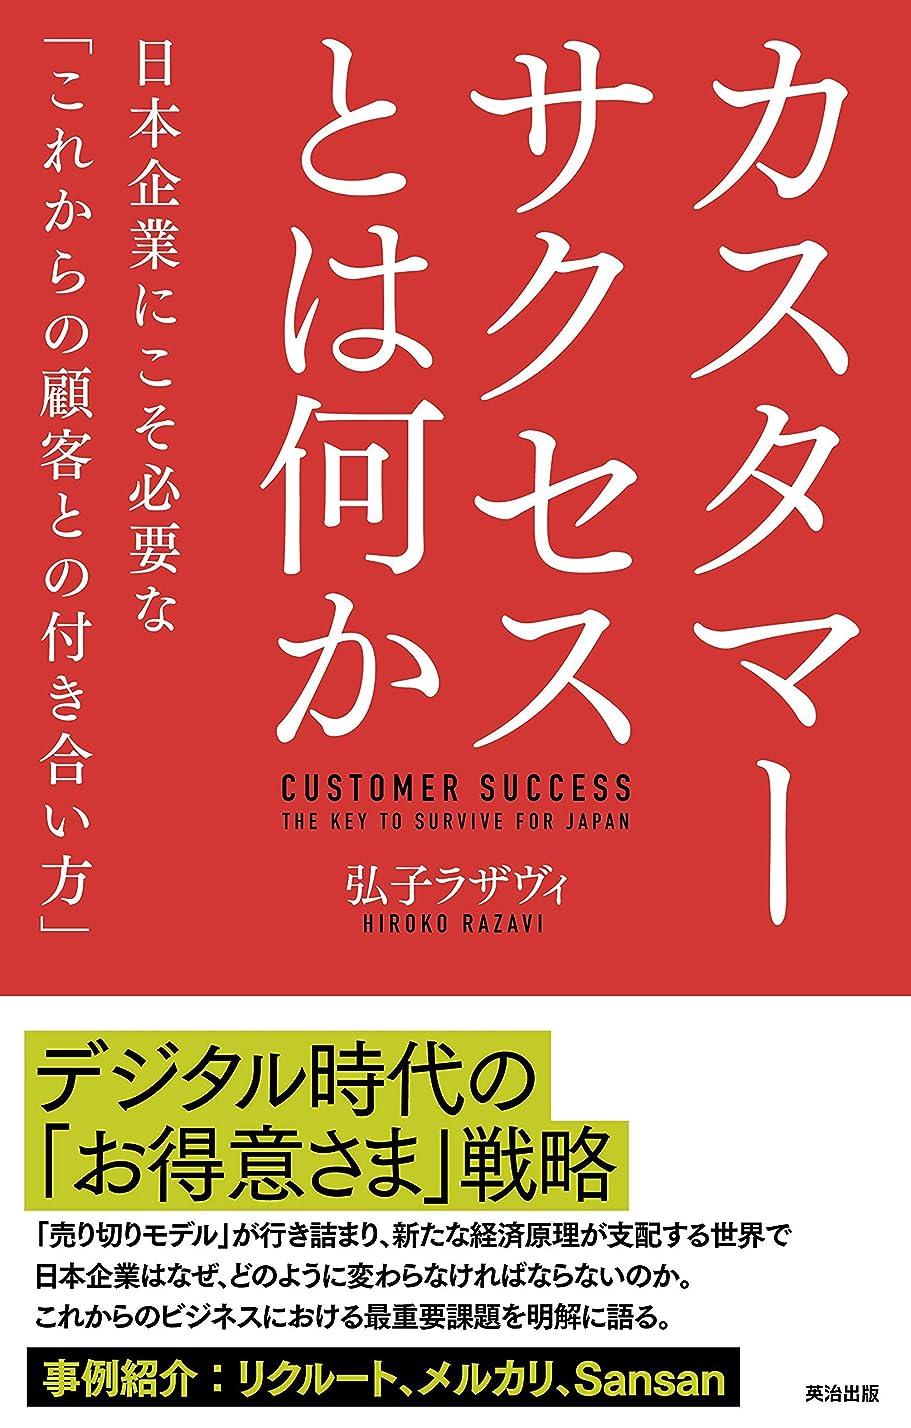 床重力関連するカスタマーサクセスとは何か――日本企業にこそ必要な「これからの顧客との付き合い方」